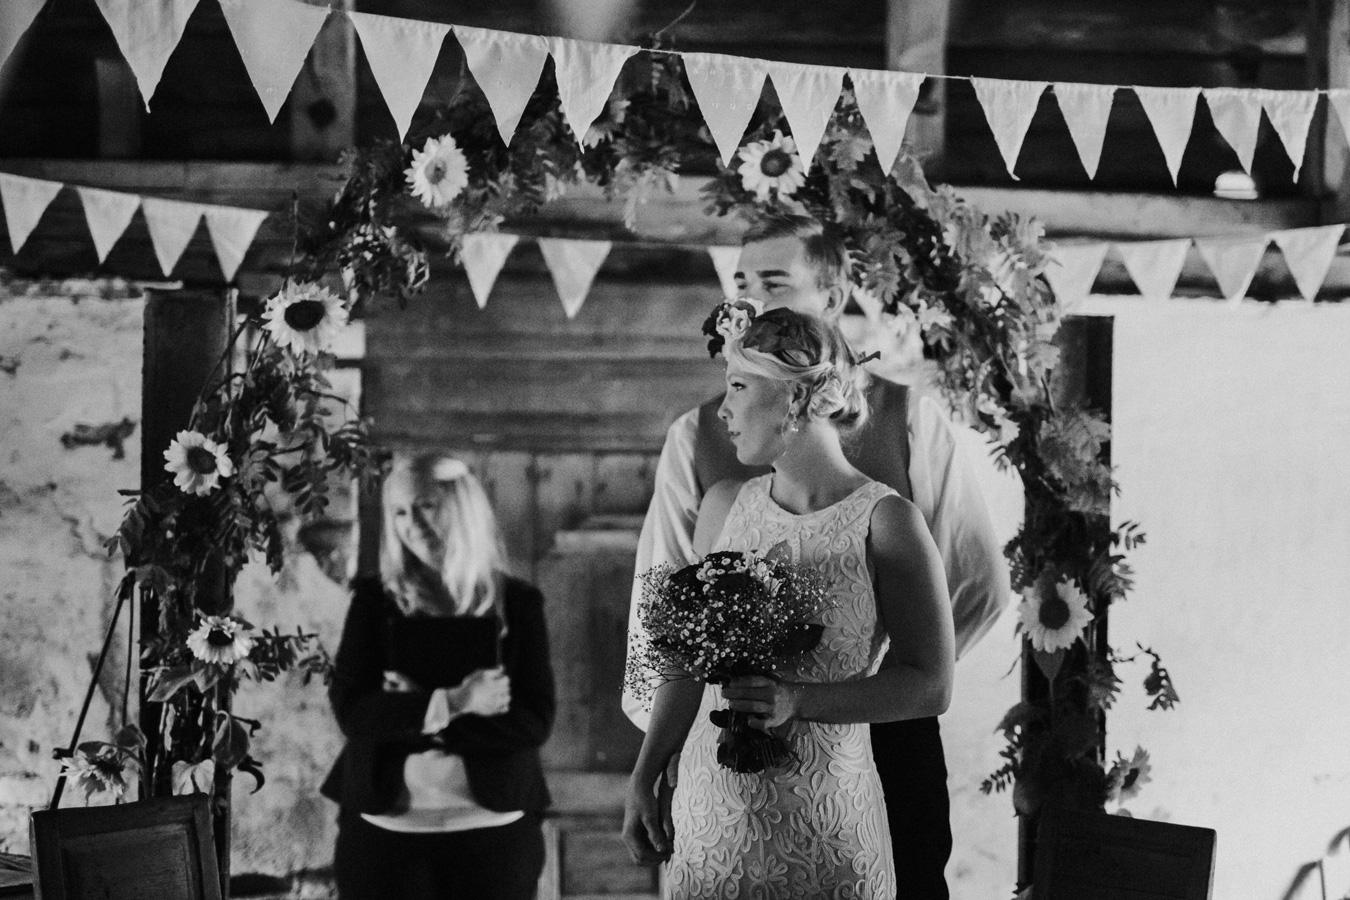 016-bryllupsfotograf-oslo-drobak-laavebryllup-tone-tvedt.jpg